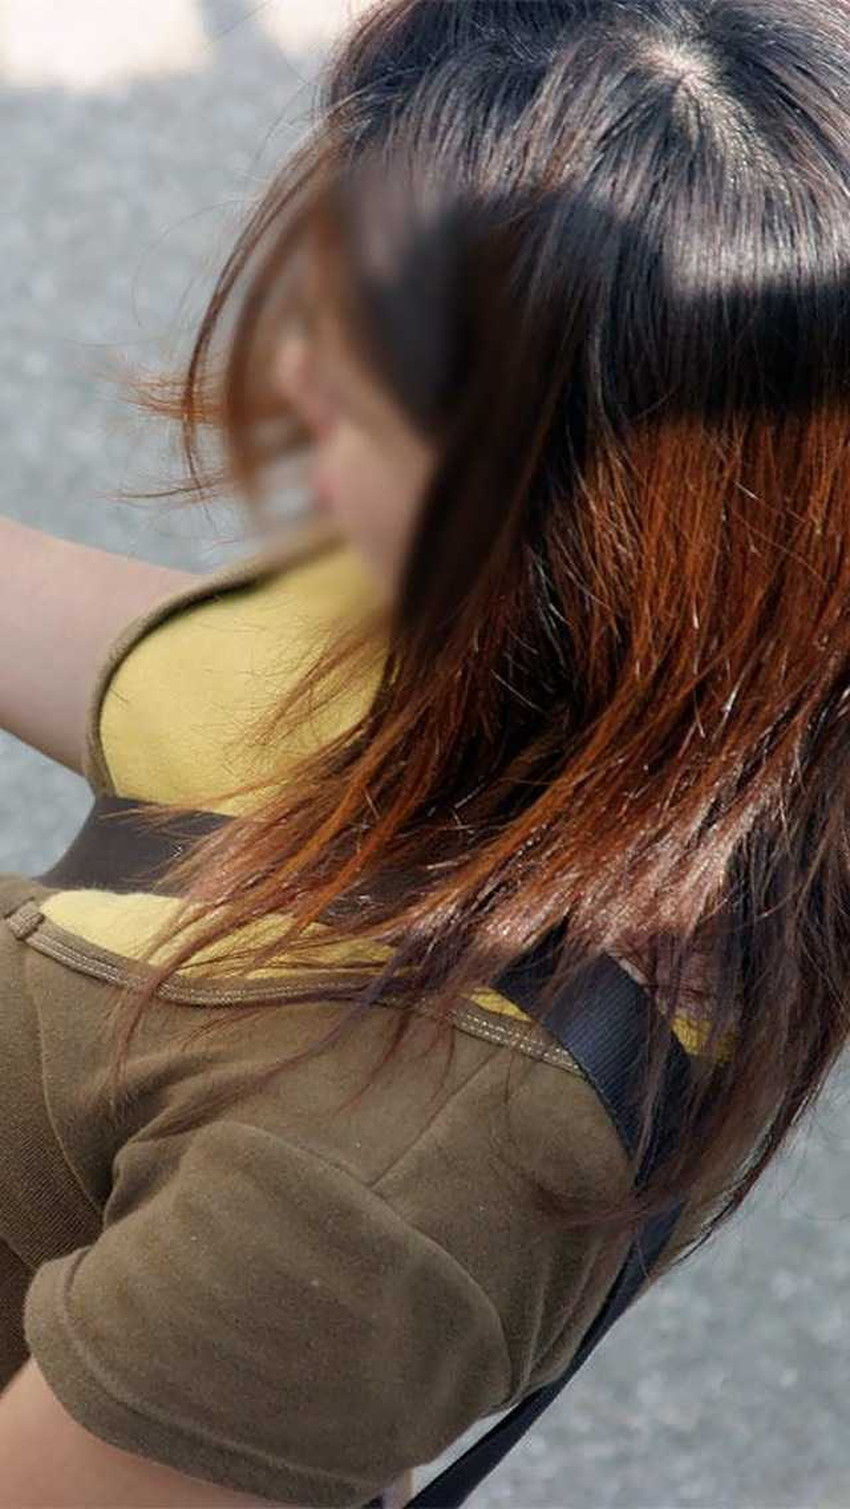 【街撮りエロ画像】街に出掛けて素人女子の胸チラやパンチラ、パイスラや透けパンを盗撮しまくる街撮りのエロ画像集!ww【80枚】 31